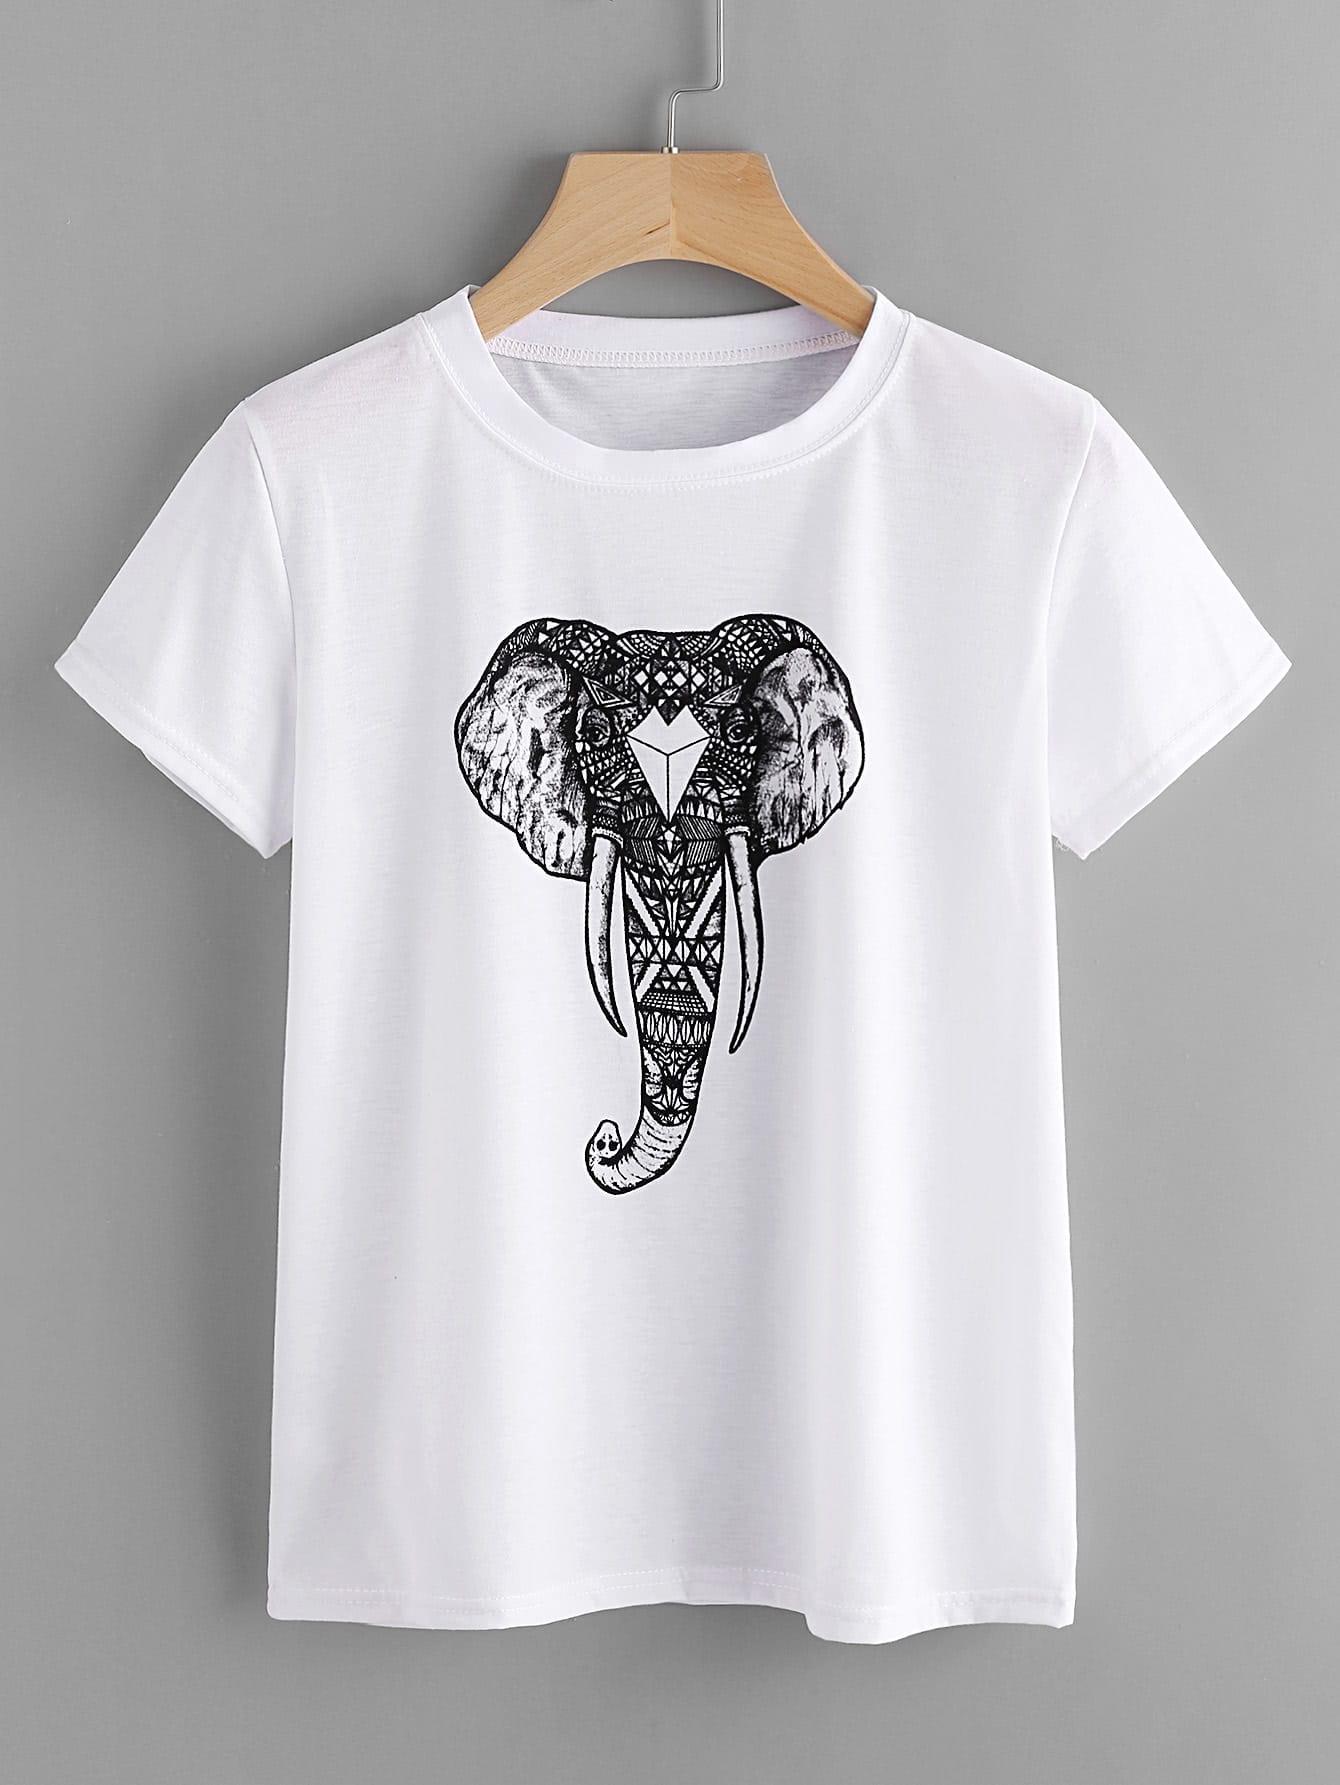 все цены на Ornate Elephant Print Tee